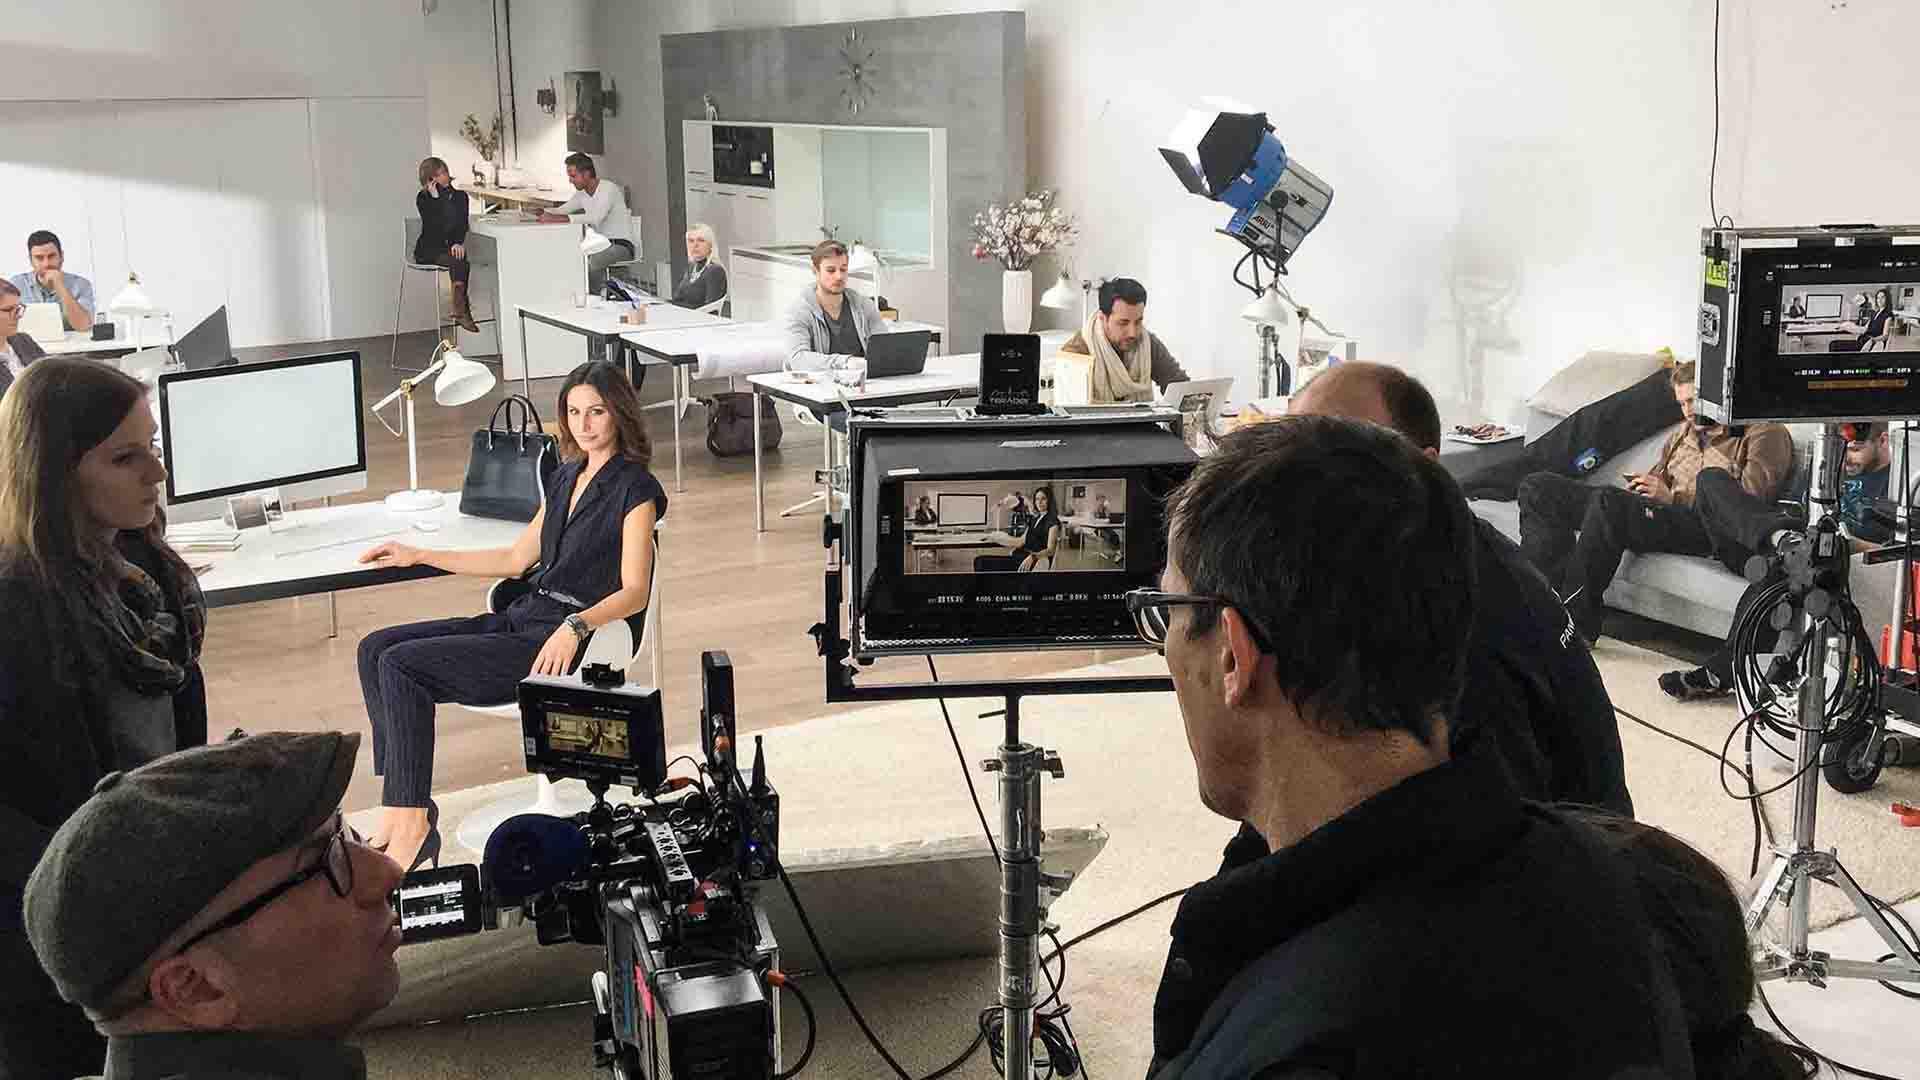 Das Bild zeigt ein Büro. In diesem Büro stehen viele Schreibtische an denen Menschen arbeiten. Vor dem Büro steht eine Kamera mit Monitor. Auf dem Monitor sieht man das Büro. An einem Schreibtisch sitzt eine Frau die sich in Richtung der Kamera gedreht hat. Vor dem Monitor stehen Männer die sich unterhalten. Das Bild dient als Sliderbild für den Portfolioeintrag MADELEINE Mode – DRTV Spot von Panda Pictures.